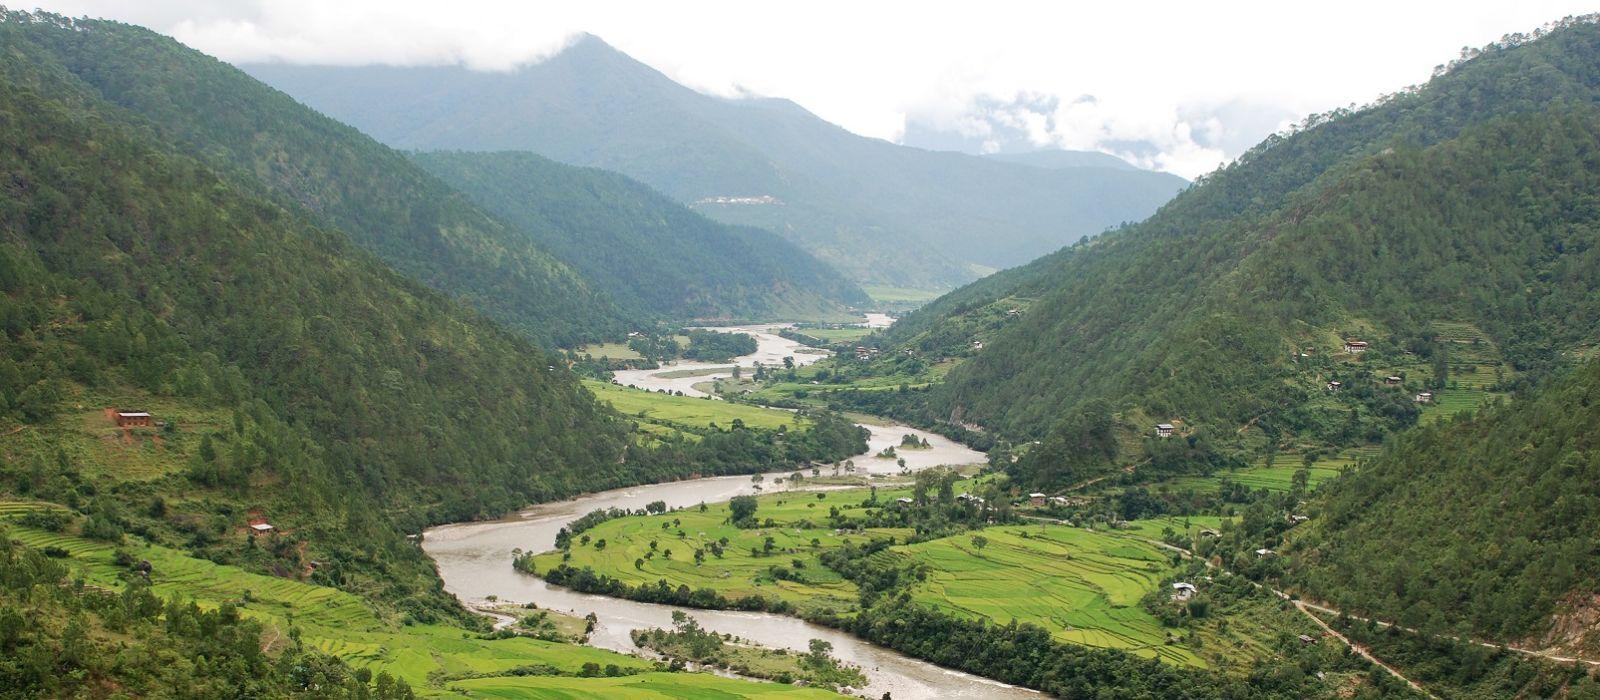 Auf dem Dach der Welt – Höhepunkte von Nepal & Bhutan Urlaub 4